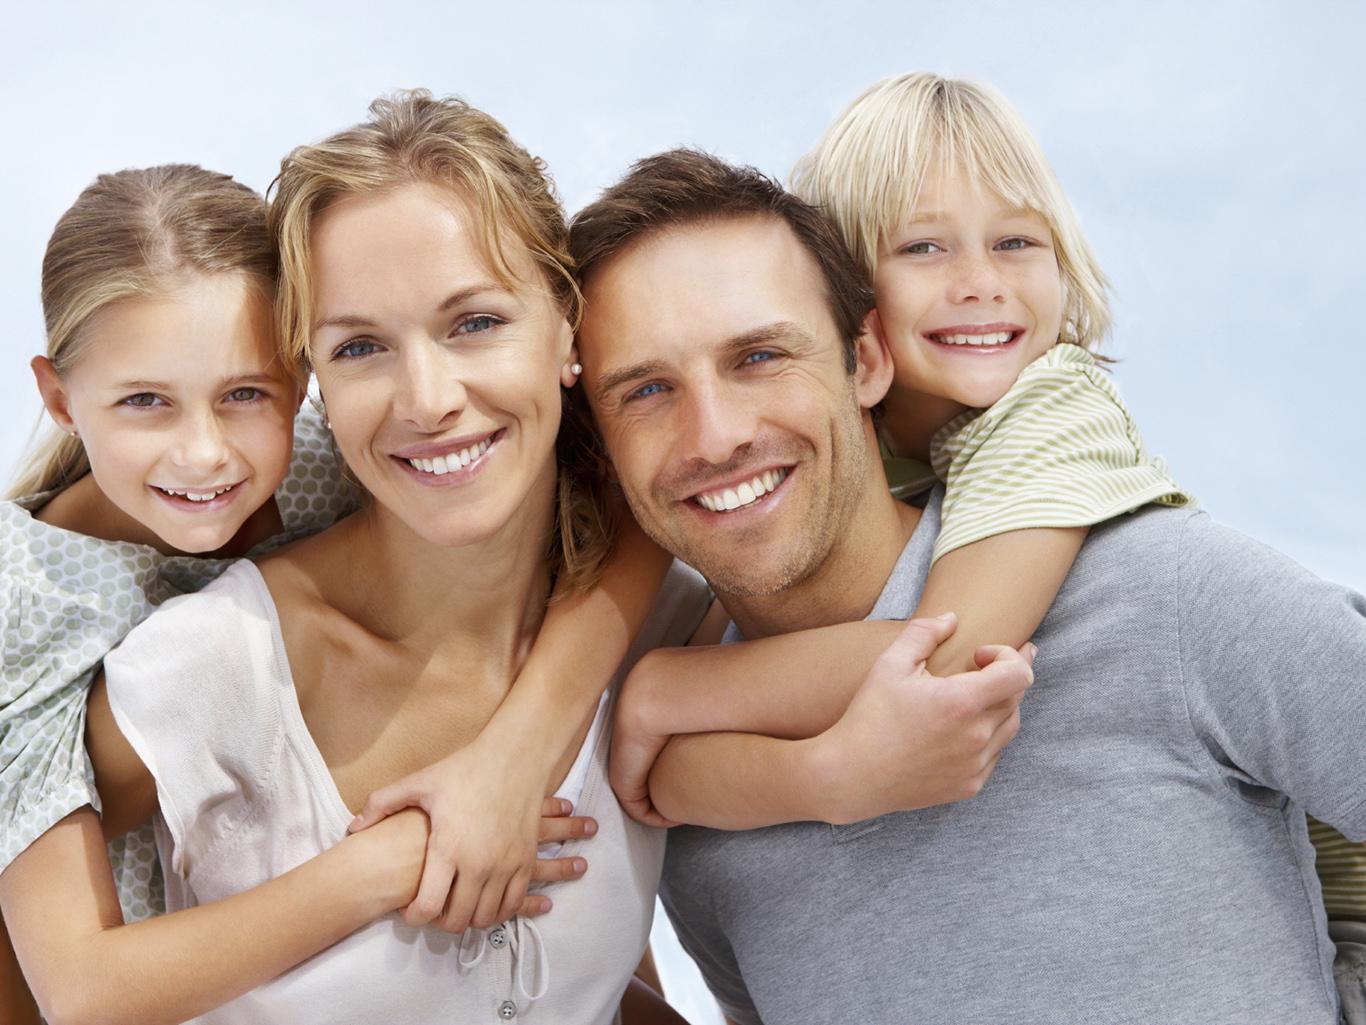 Семья с четырьмя детьми фото